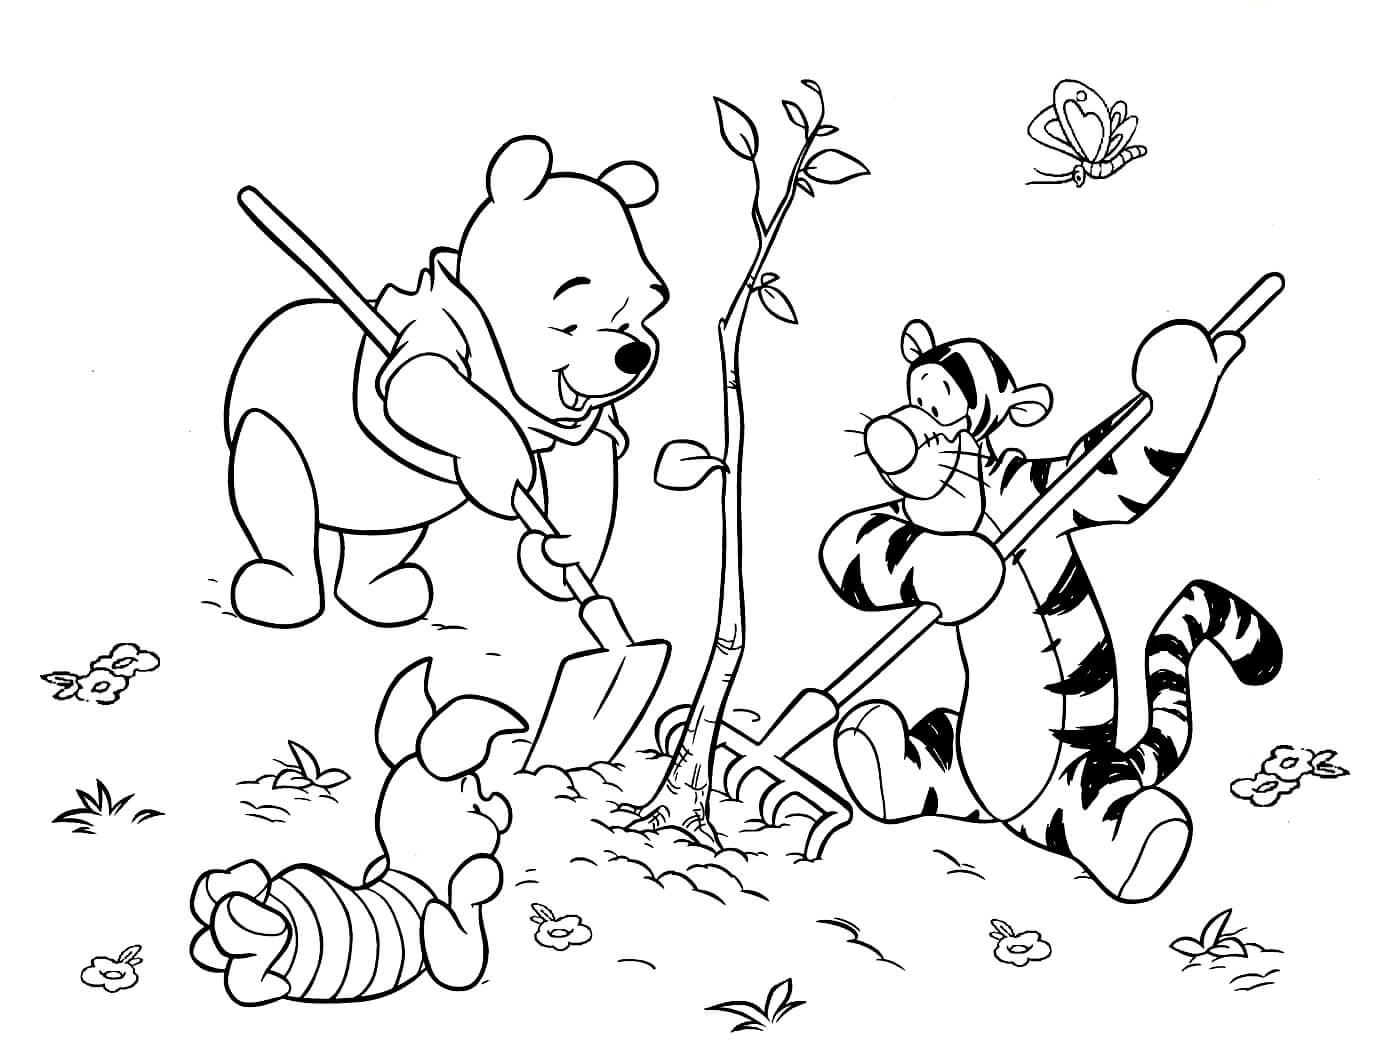 Раскраска Винни Пух, Тигруля и Пятачок